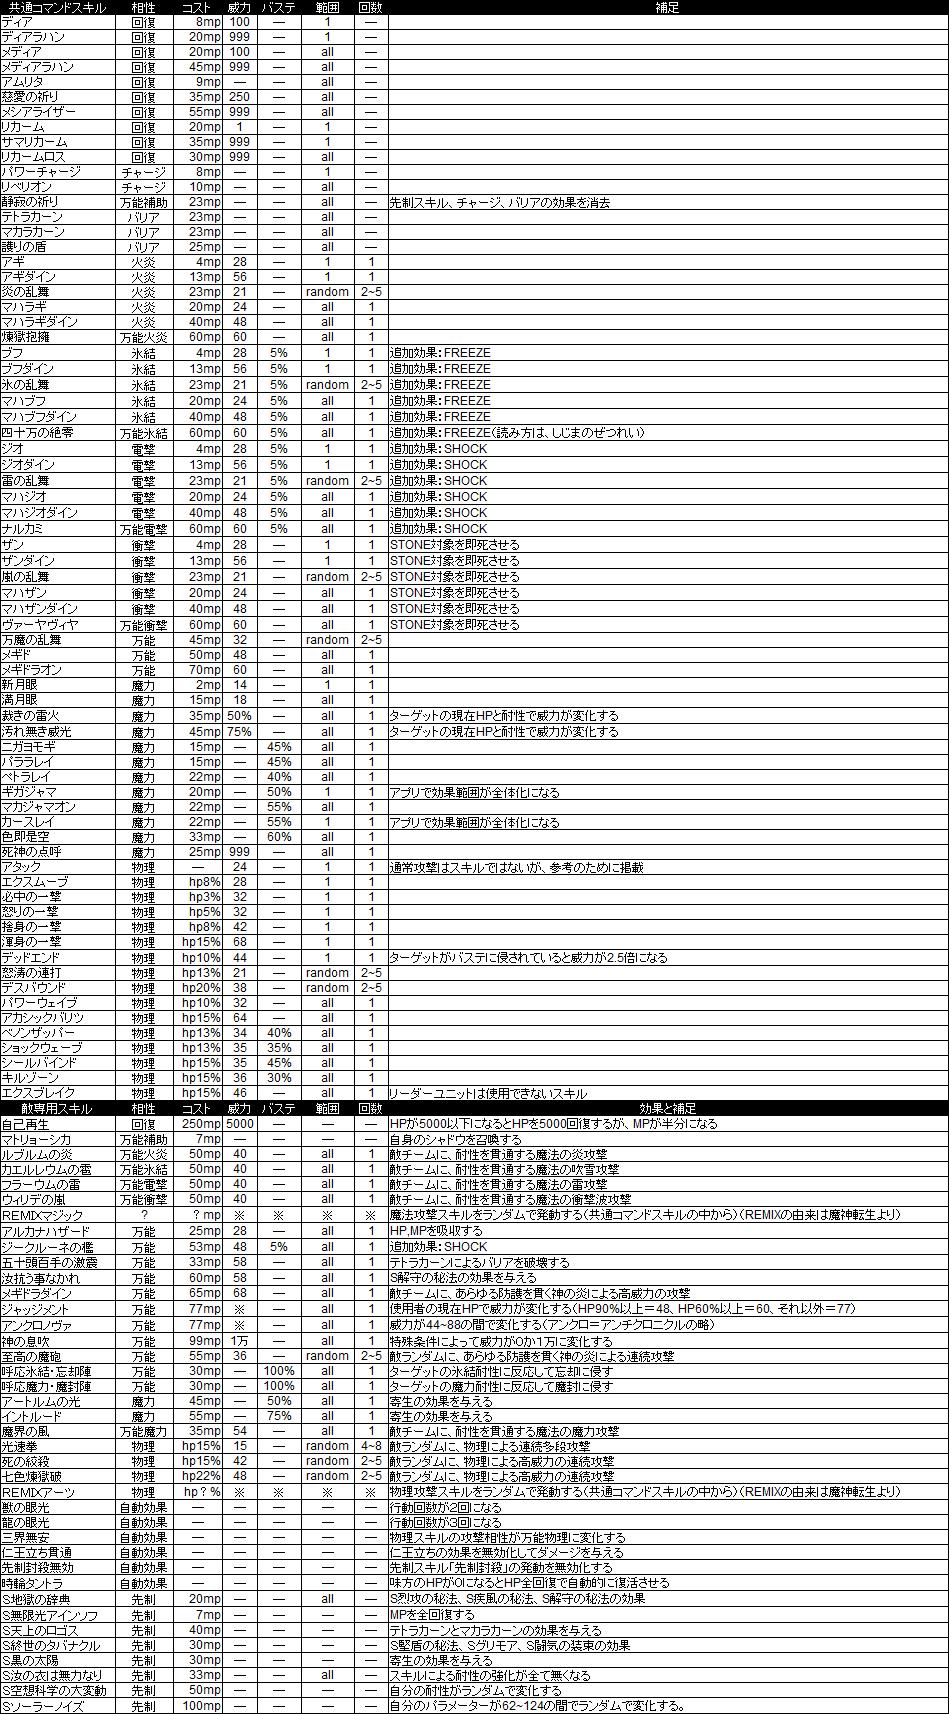 メガロマニア スキルデータ